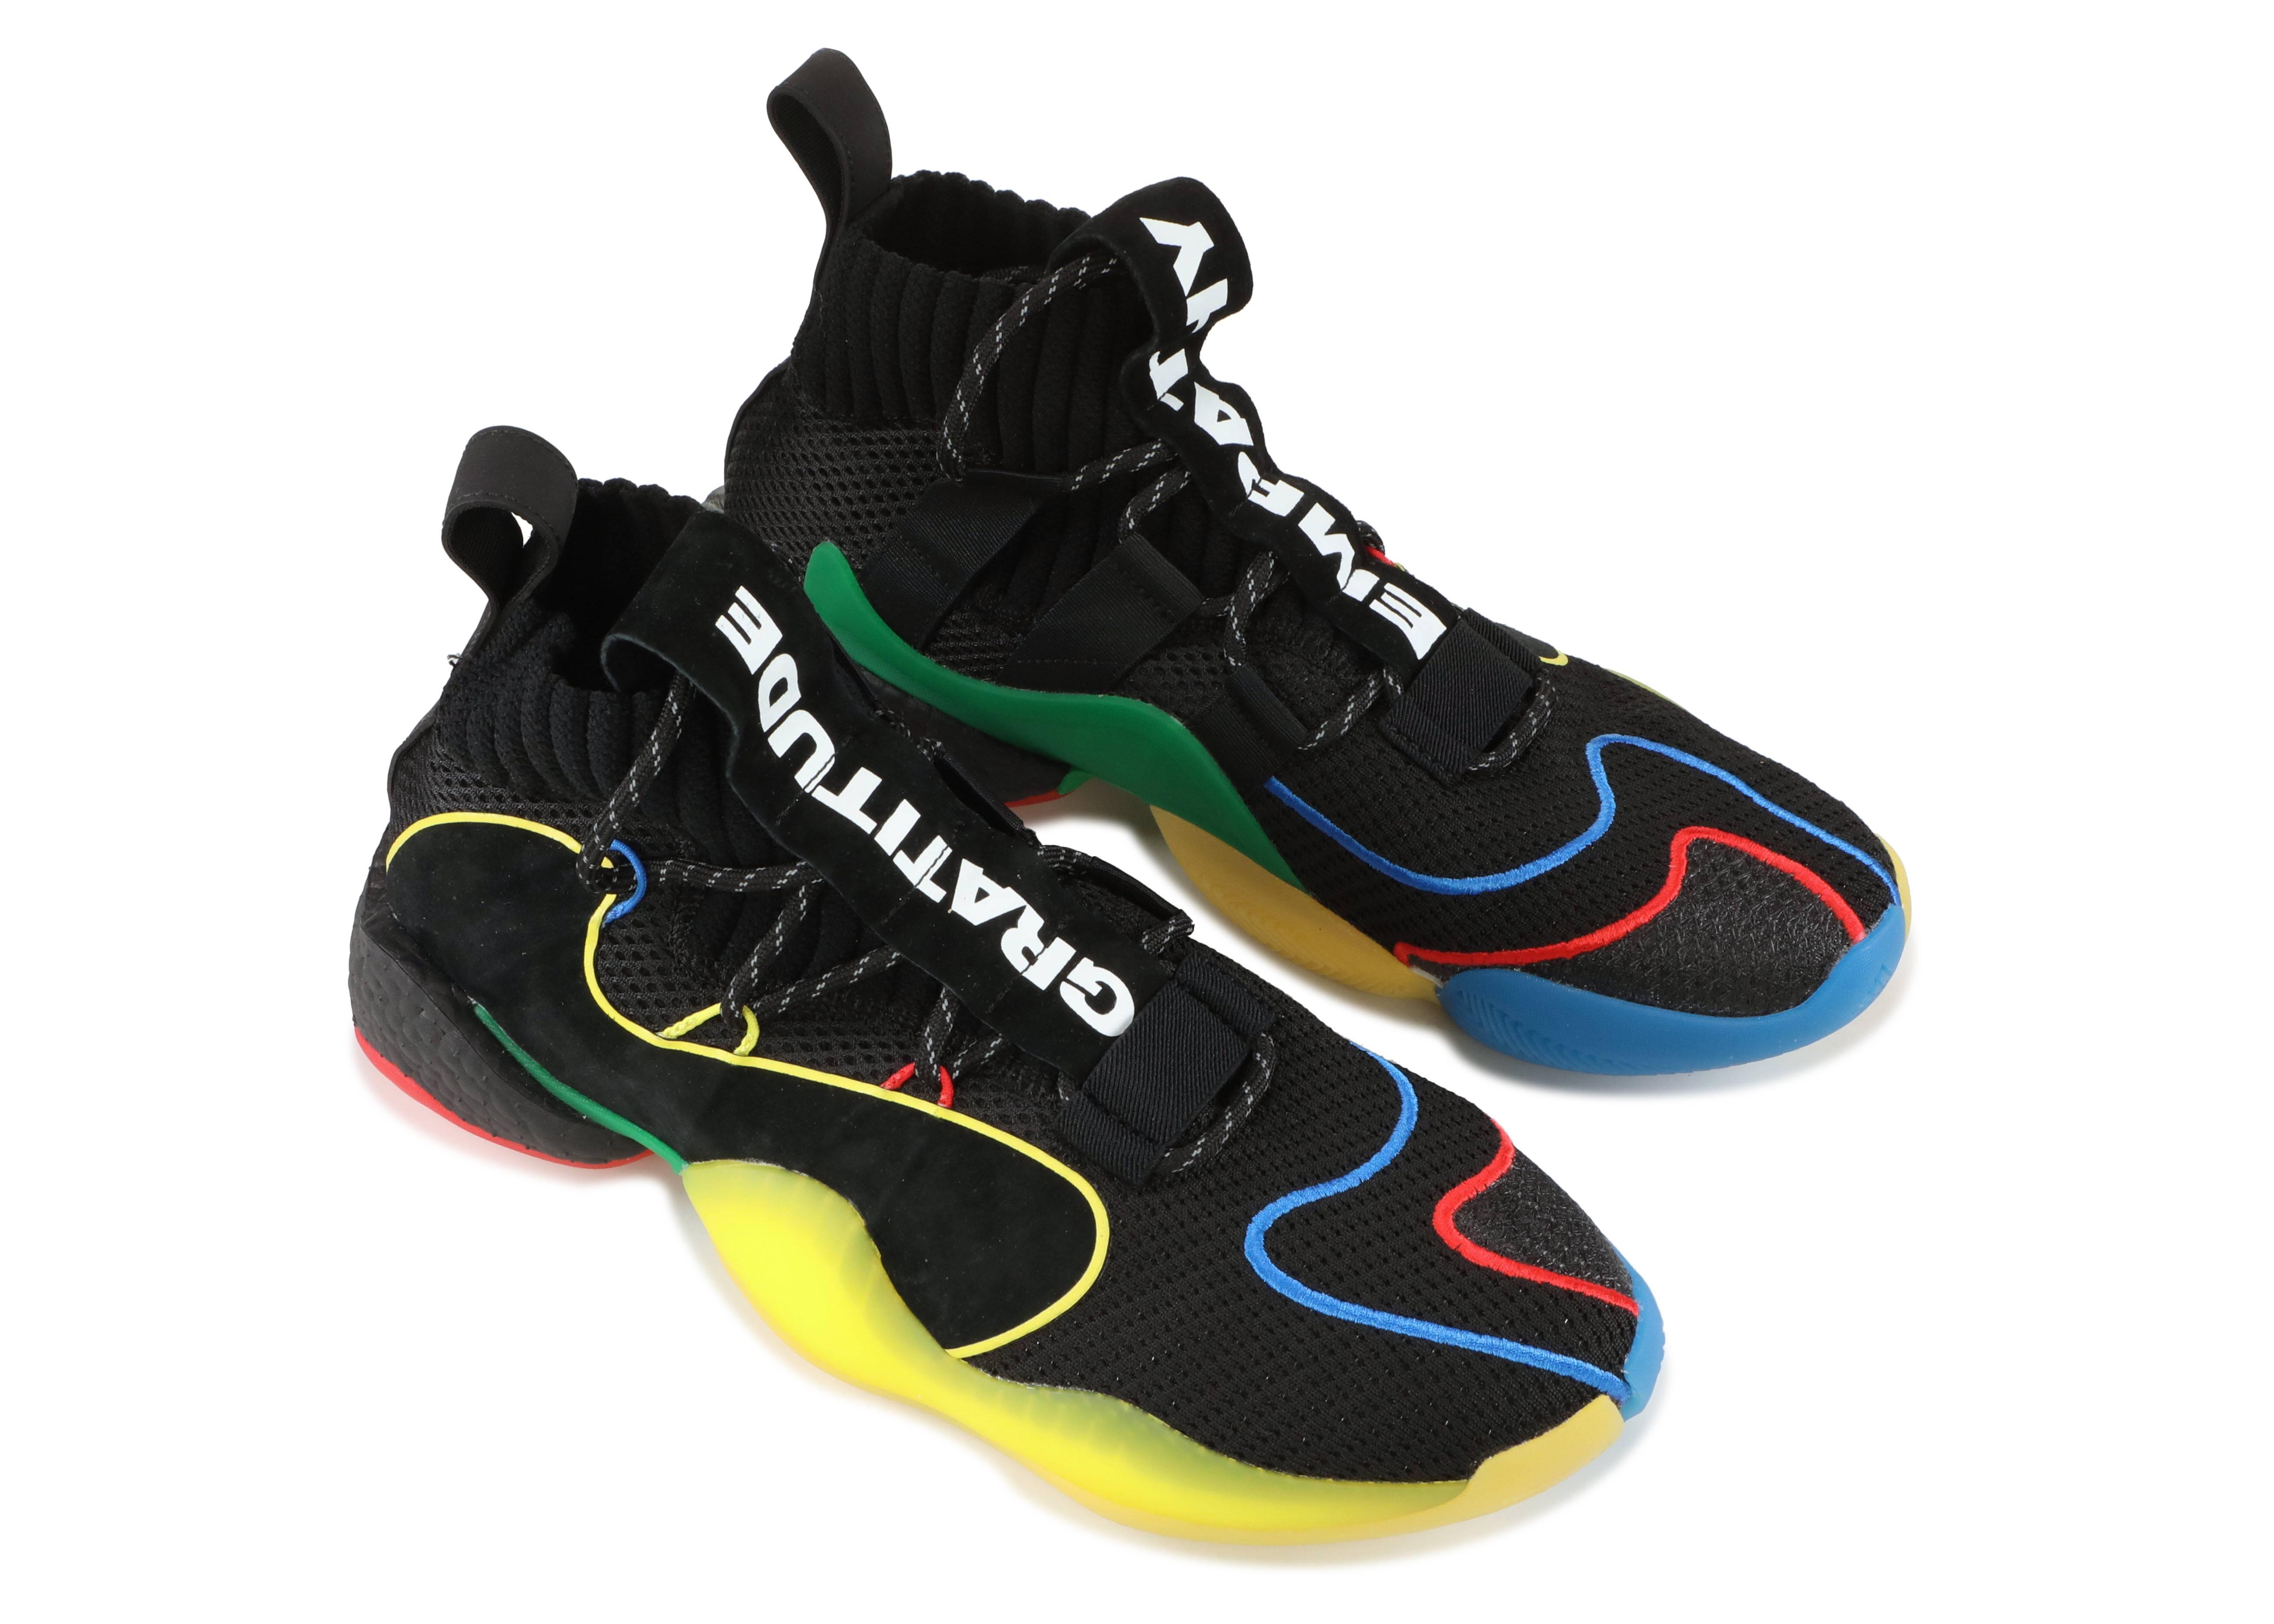 312e8a3ac6de3 Adidas Crazy Byw X